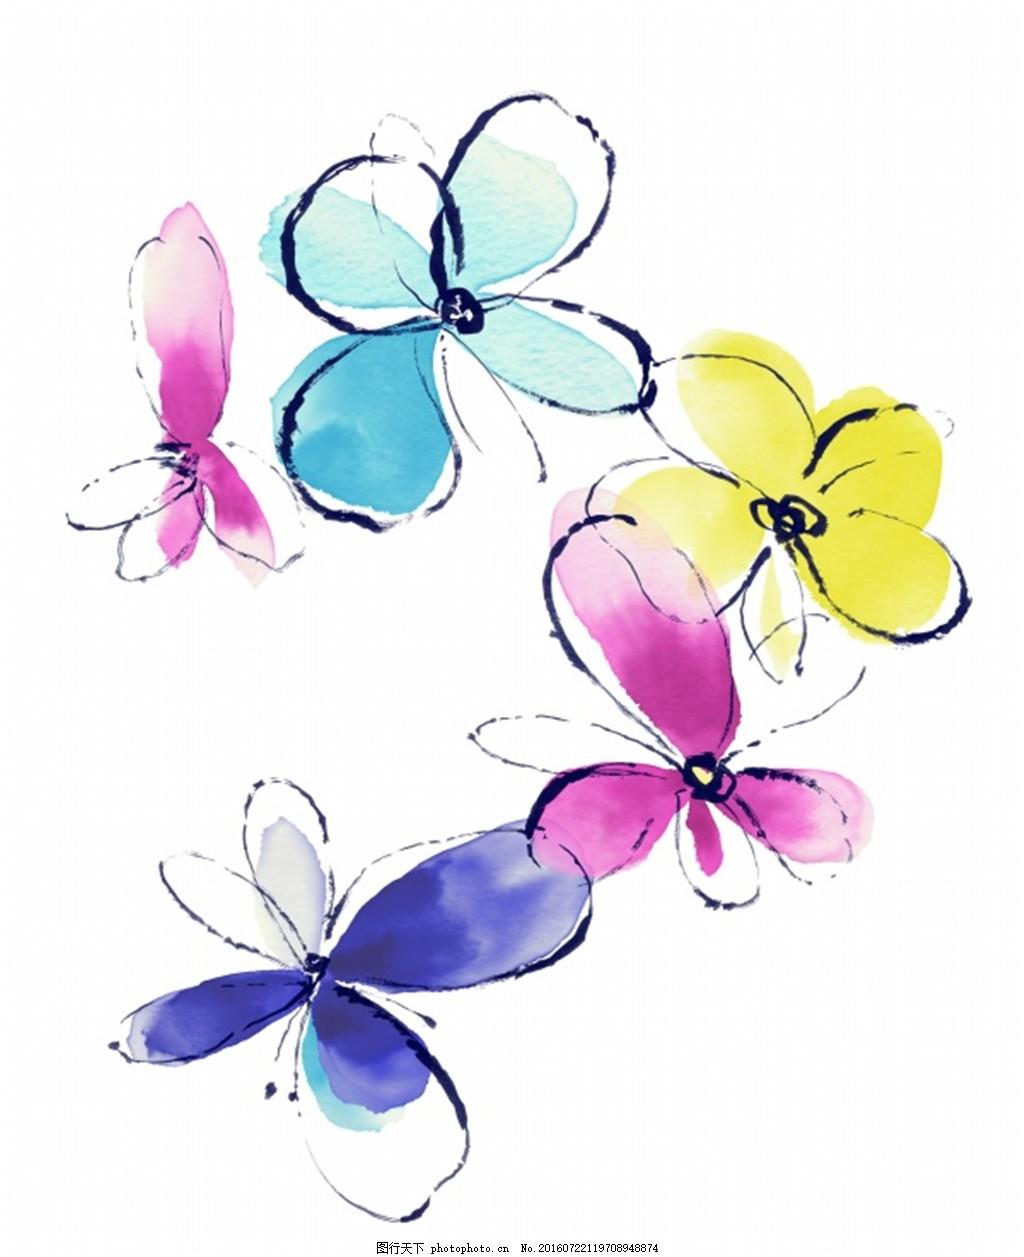 手绘蝴蝶花装饰素材 花蝴蝶 彩色花卉 鲜花 源文件 白色